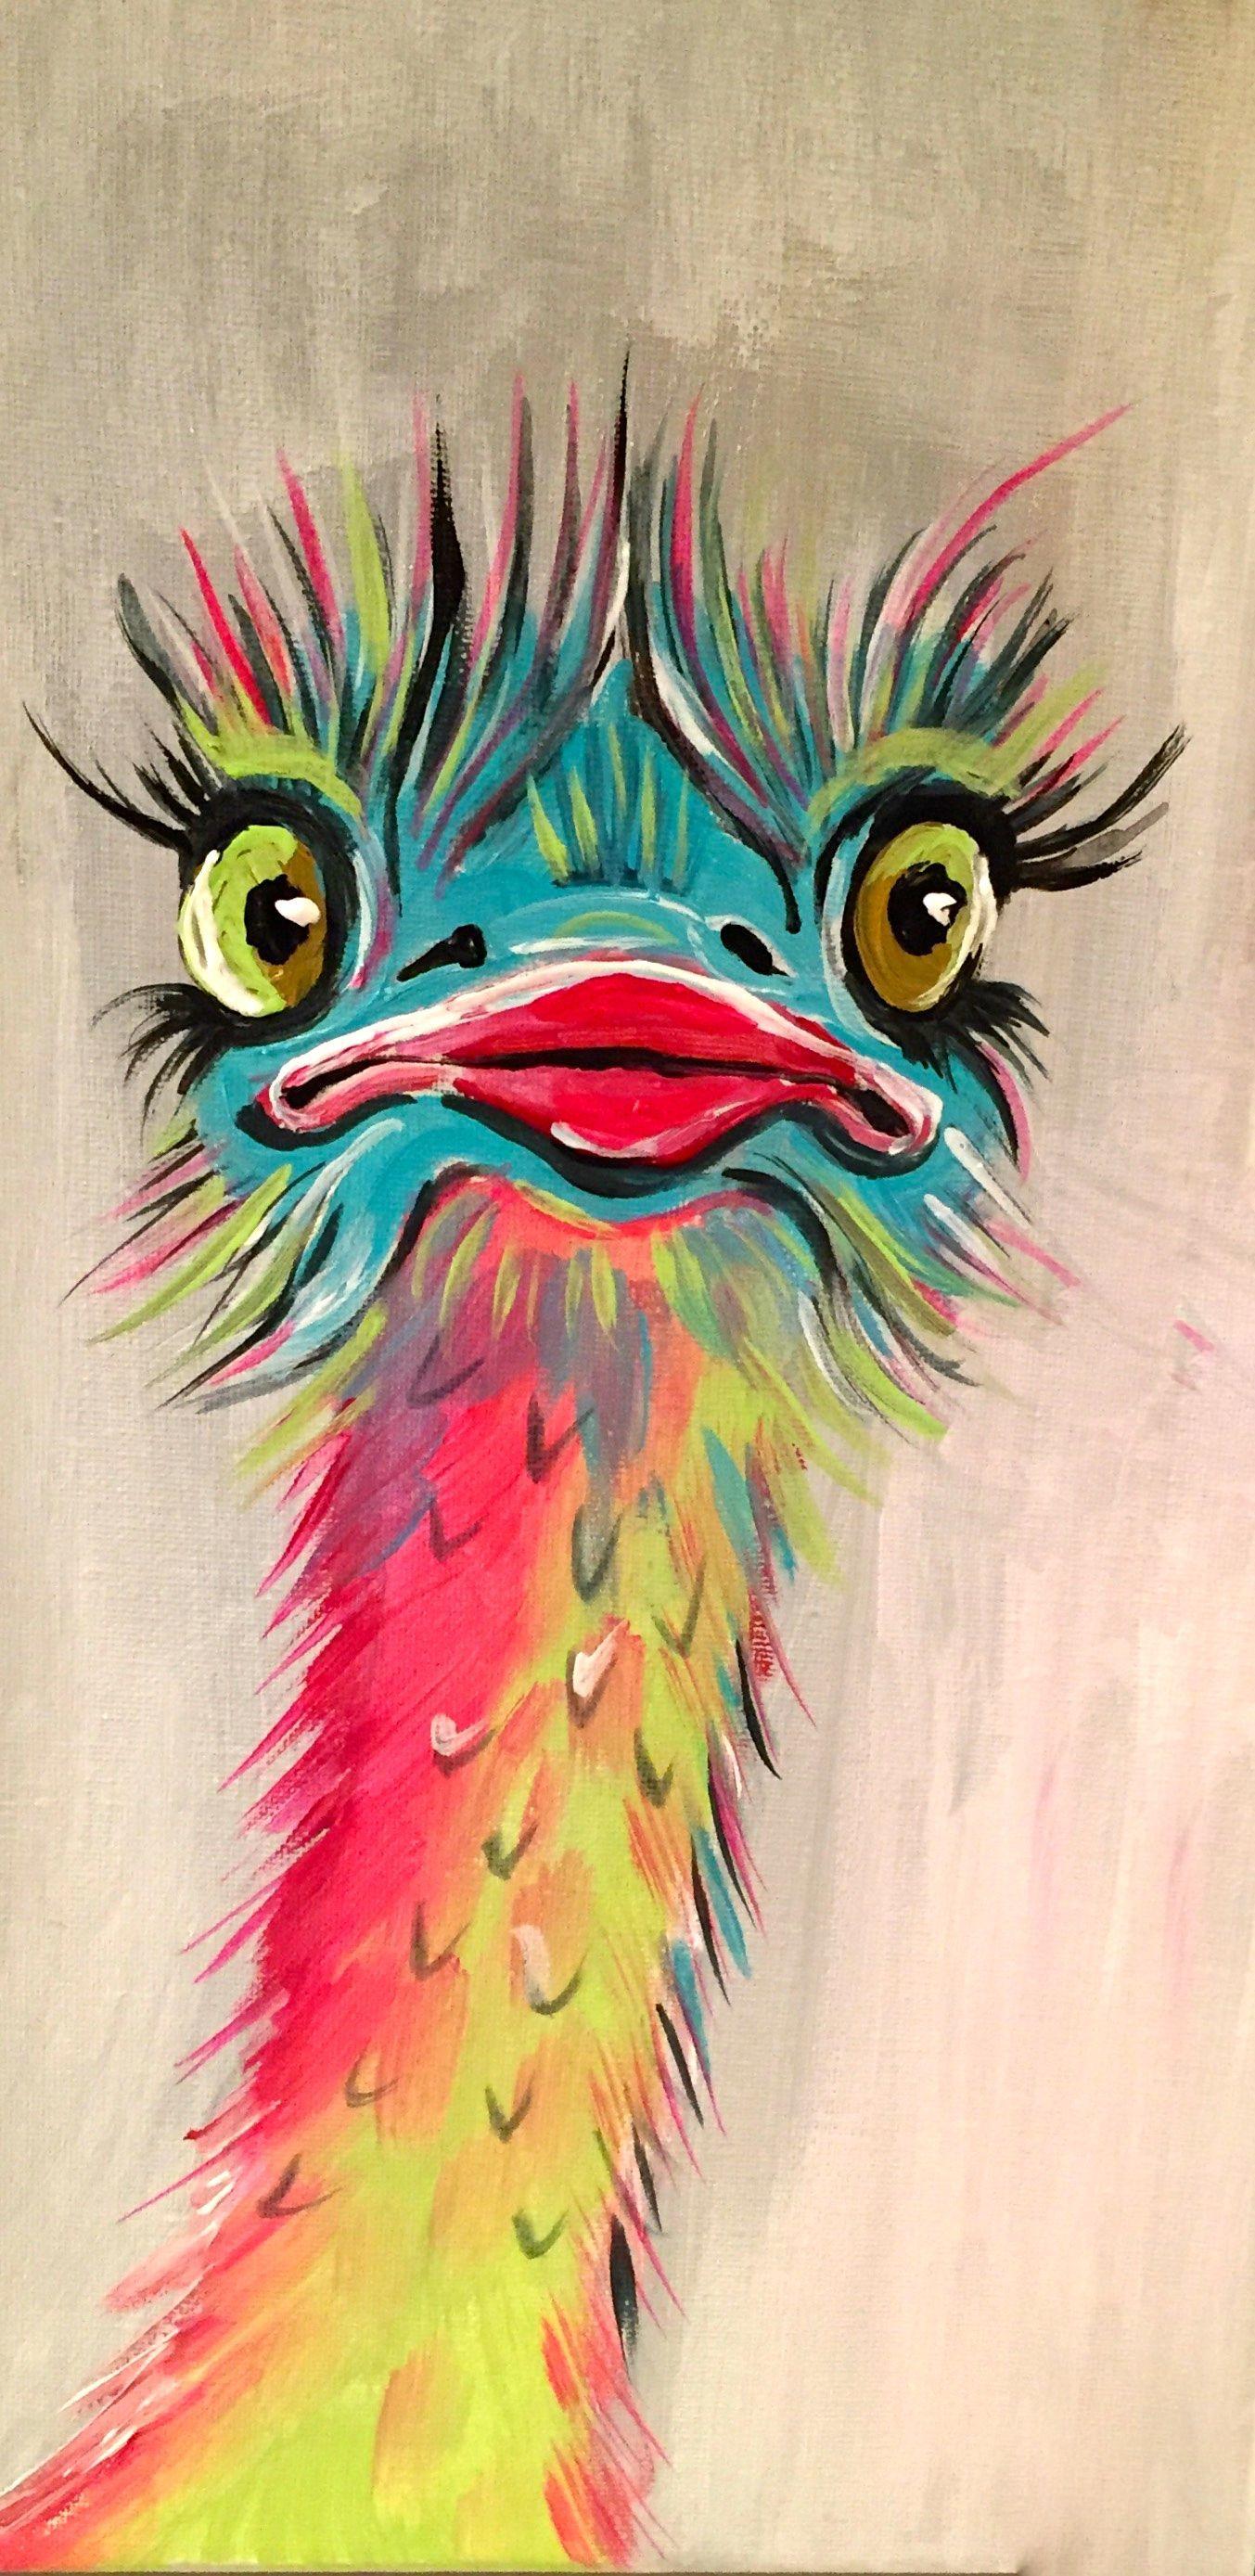 pinedwin herr on acrylbilder  art bird art animal